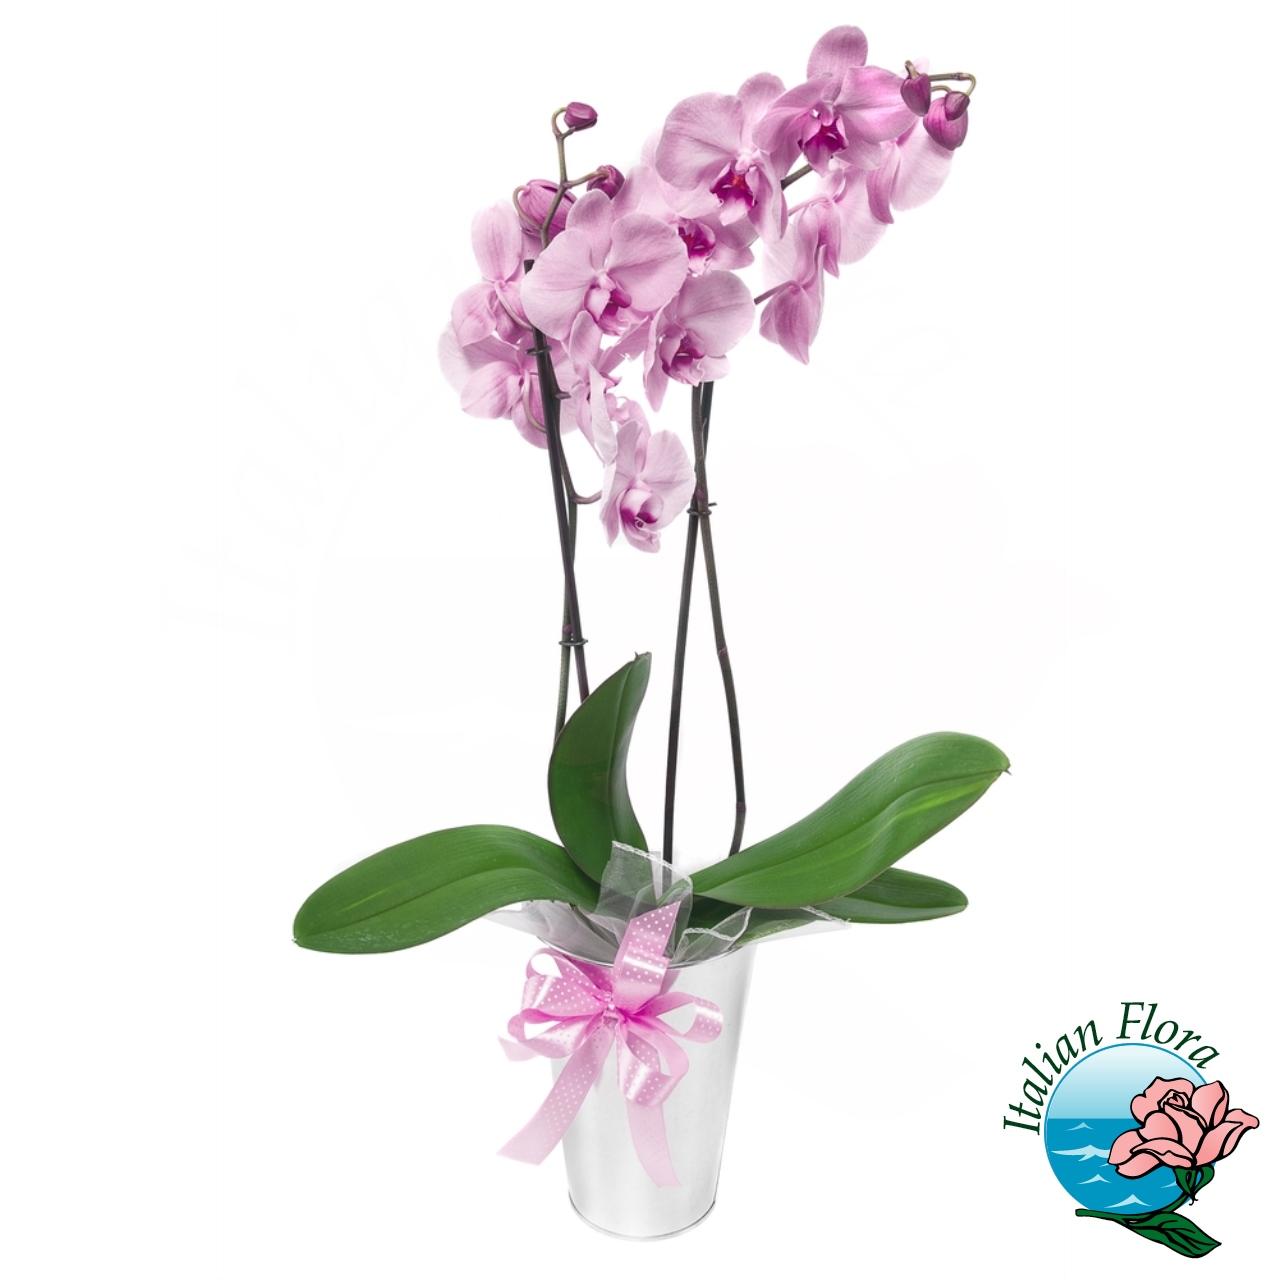 Piante Da Regalare A Pasqua pianta di orchidea phalaenopsis rosa